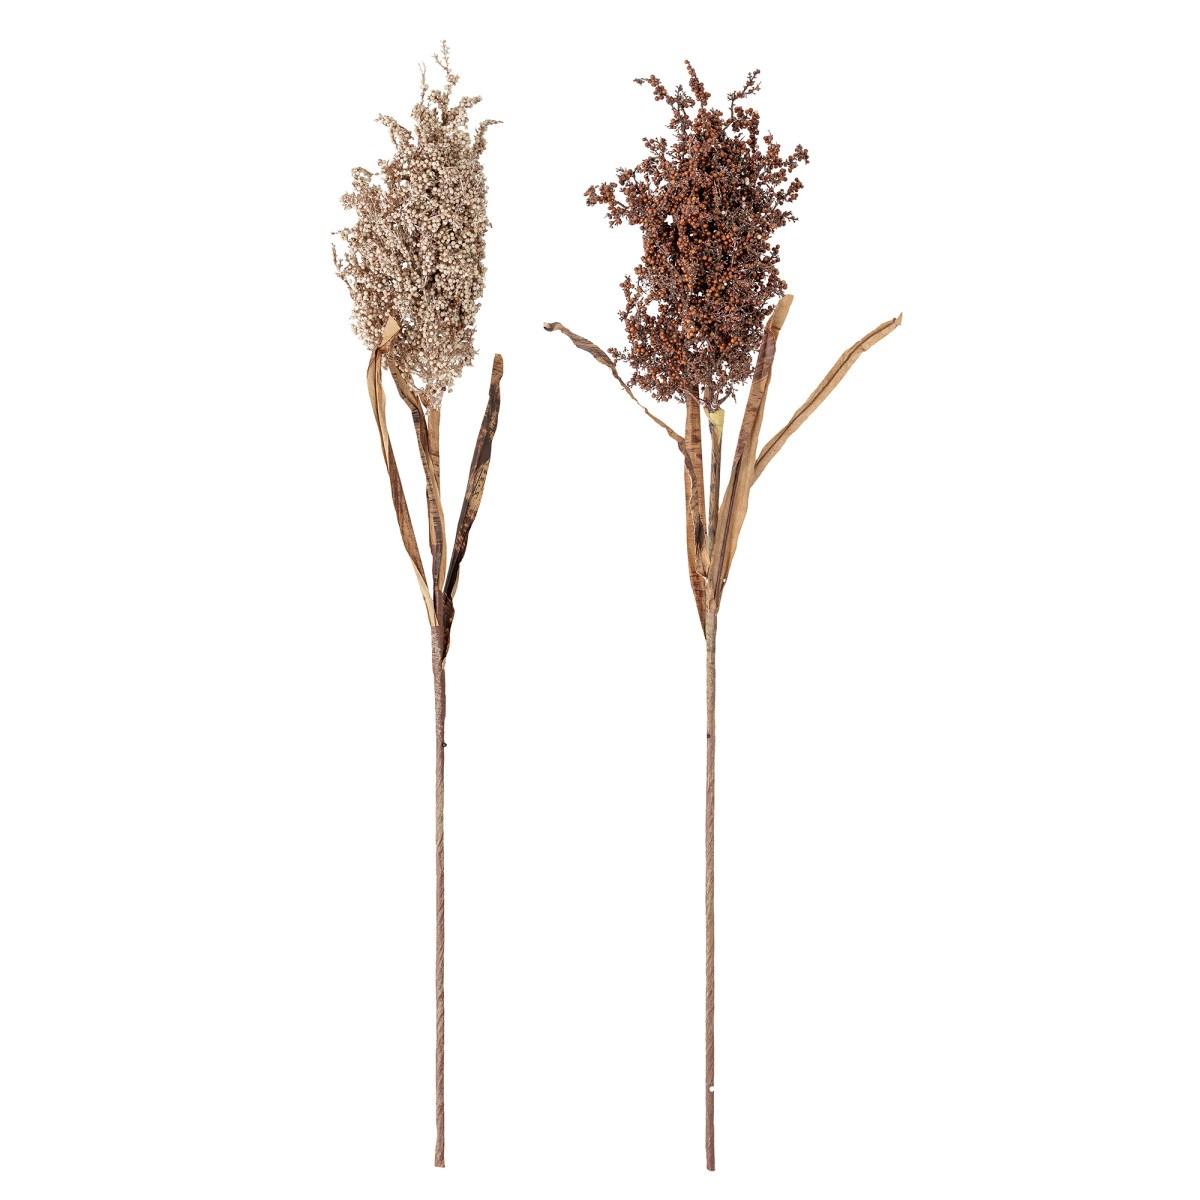 Umělá dekorace/ květina Assiba SET/2 ks_2